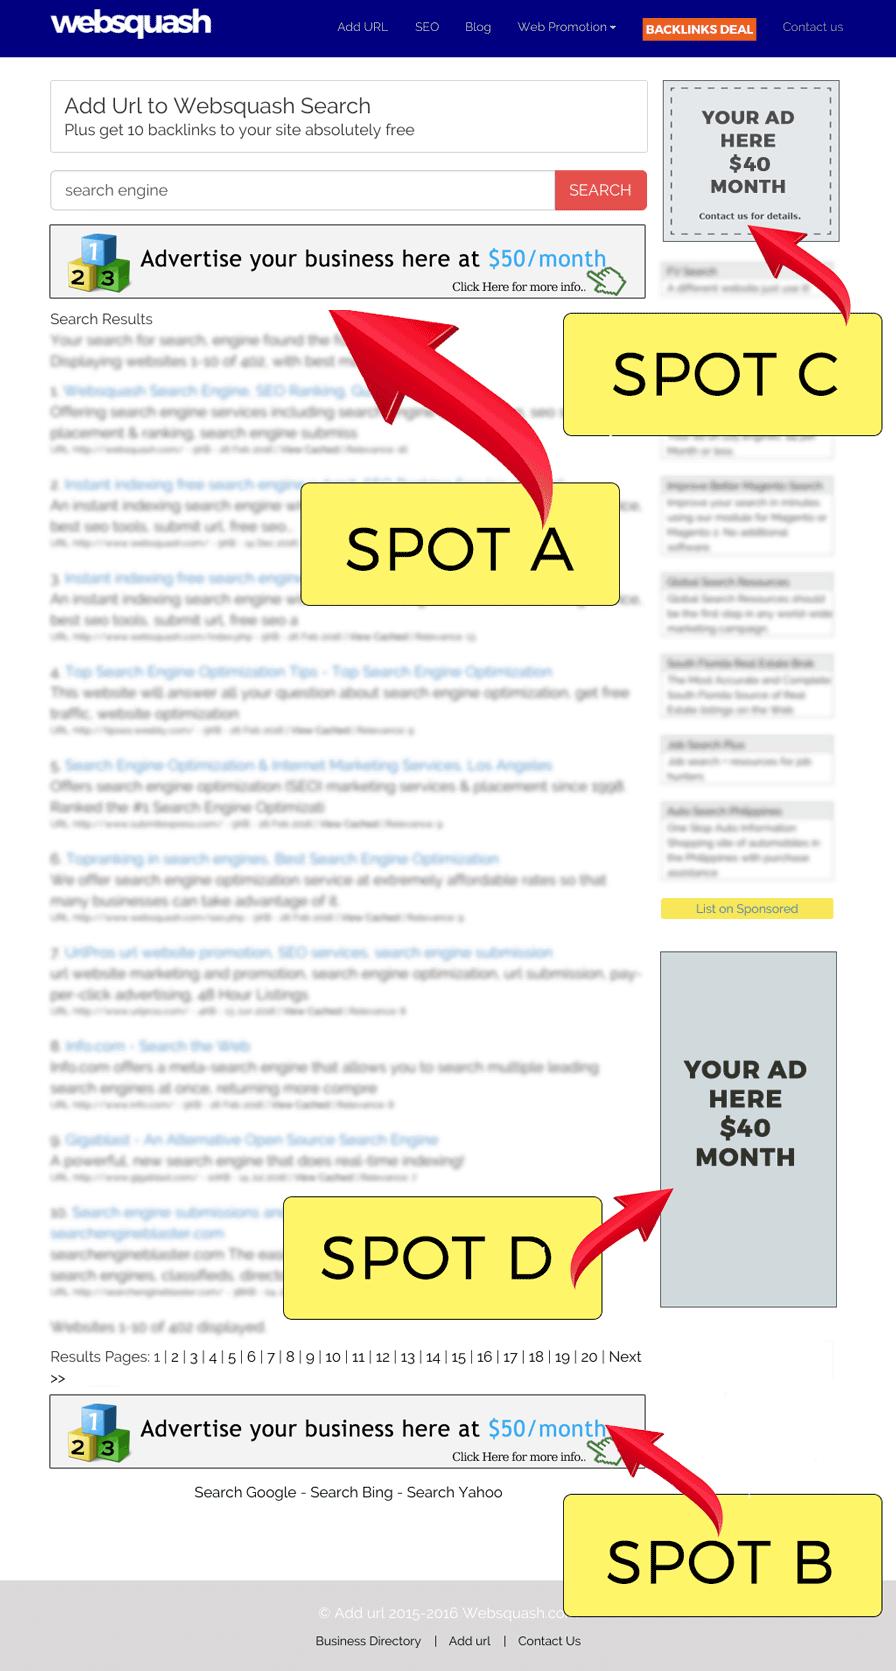 Как прорекламировать сайт в интернете бесплатно брянская реклама эл.товары.обогреватели завесы